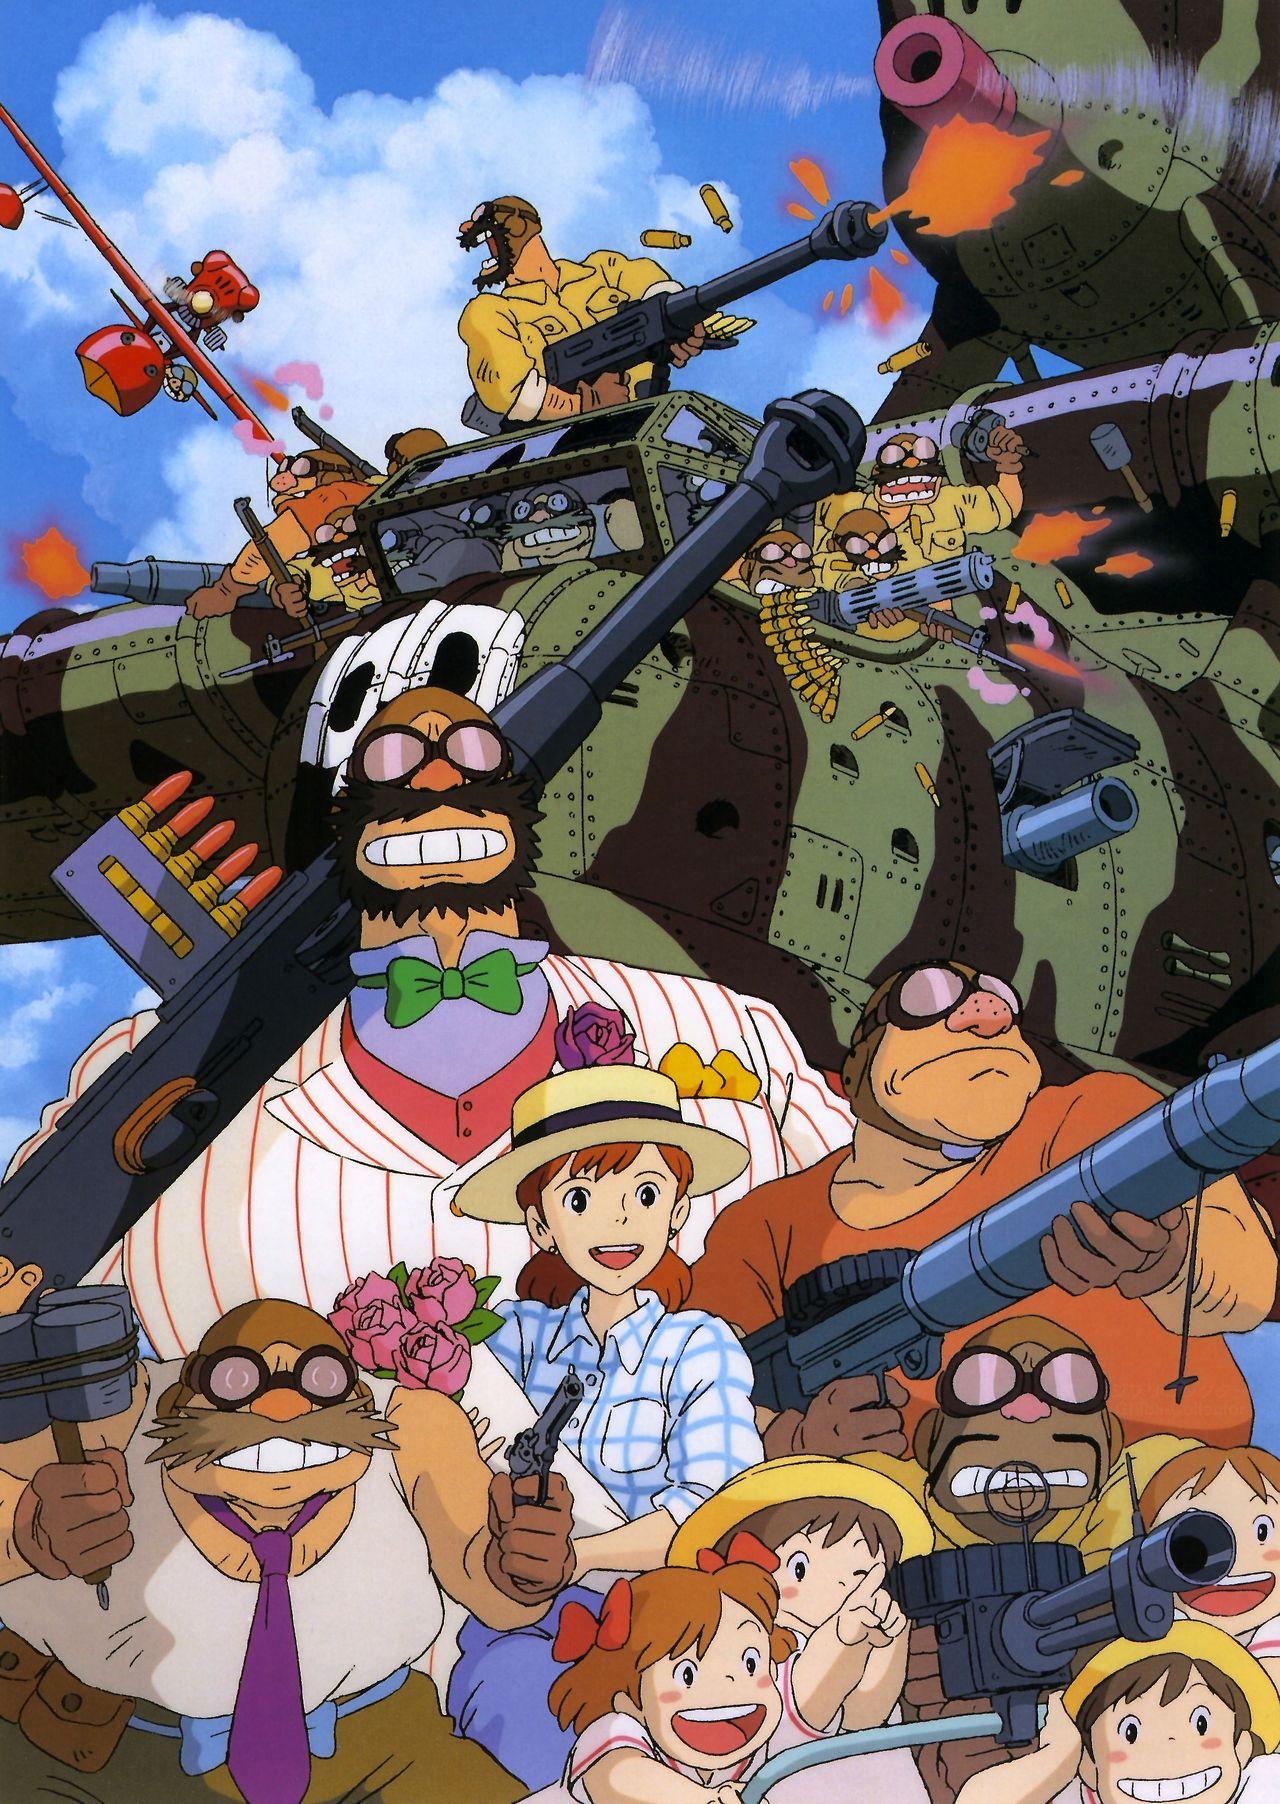 Ghibli Collector 紅の豚 1992 スタジオジブリ Mangaanimation